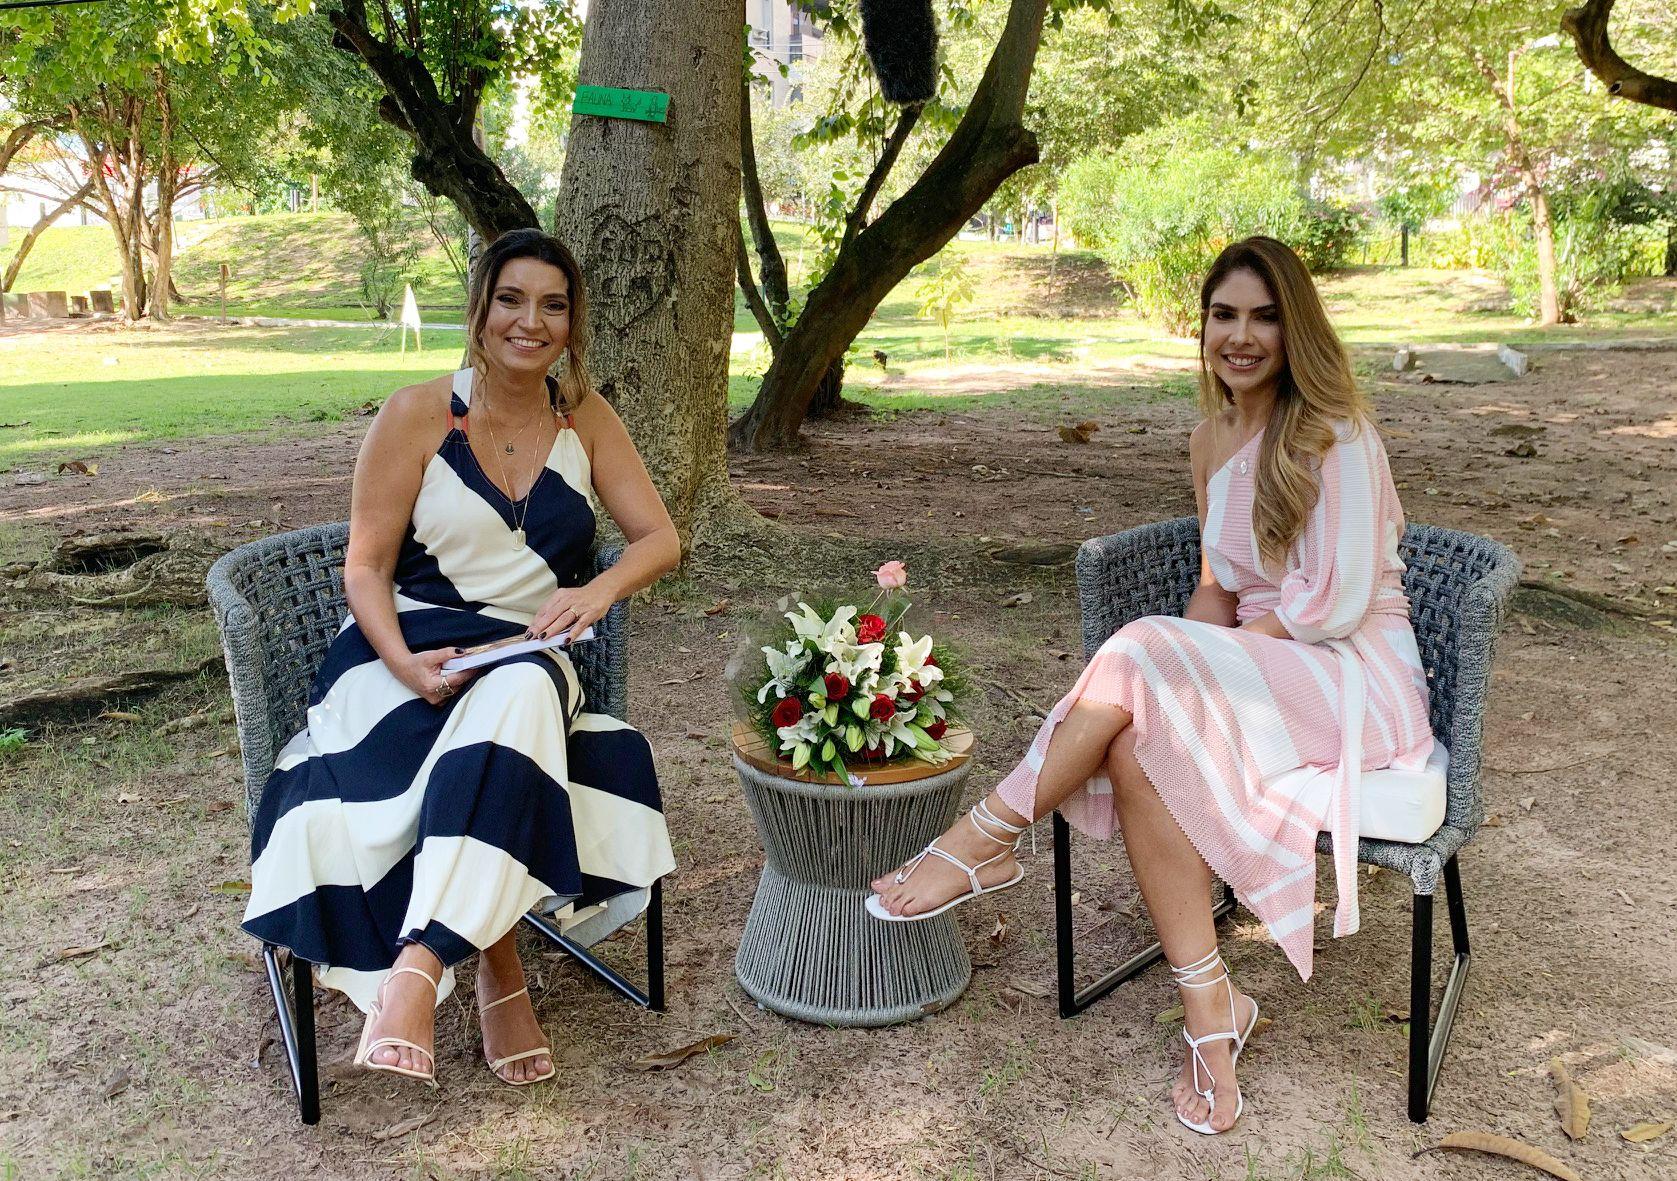 Dia de Santa Teresinha: Márcia Travessoni promove live com Rafaela Otoch e Madre Teresinha